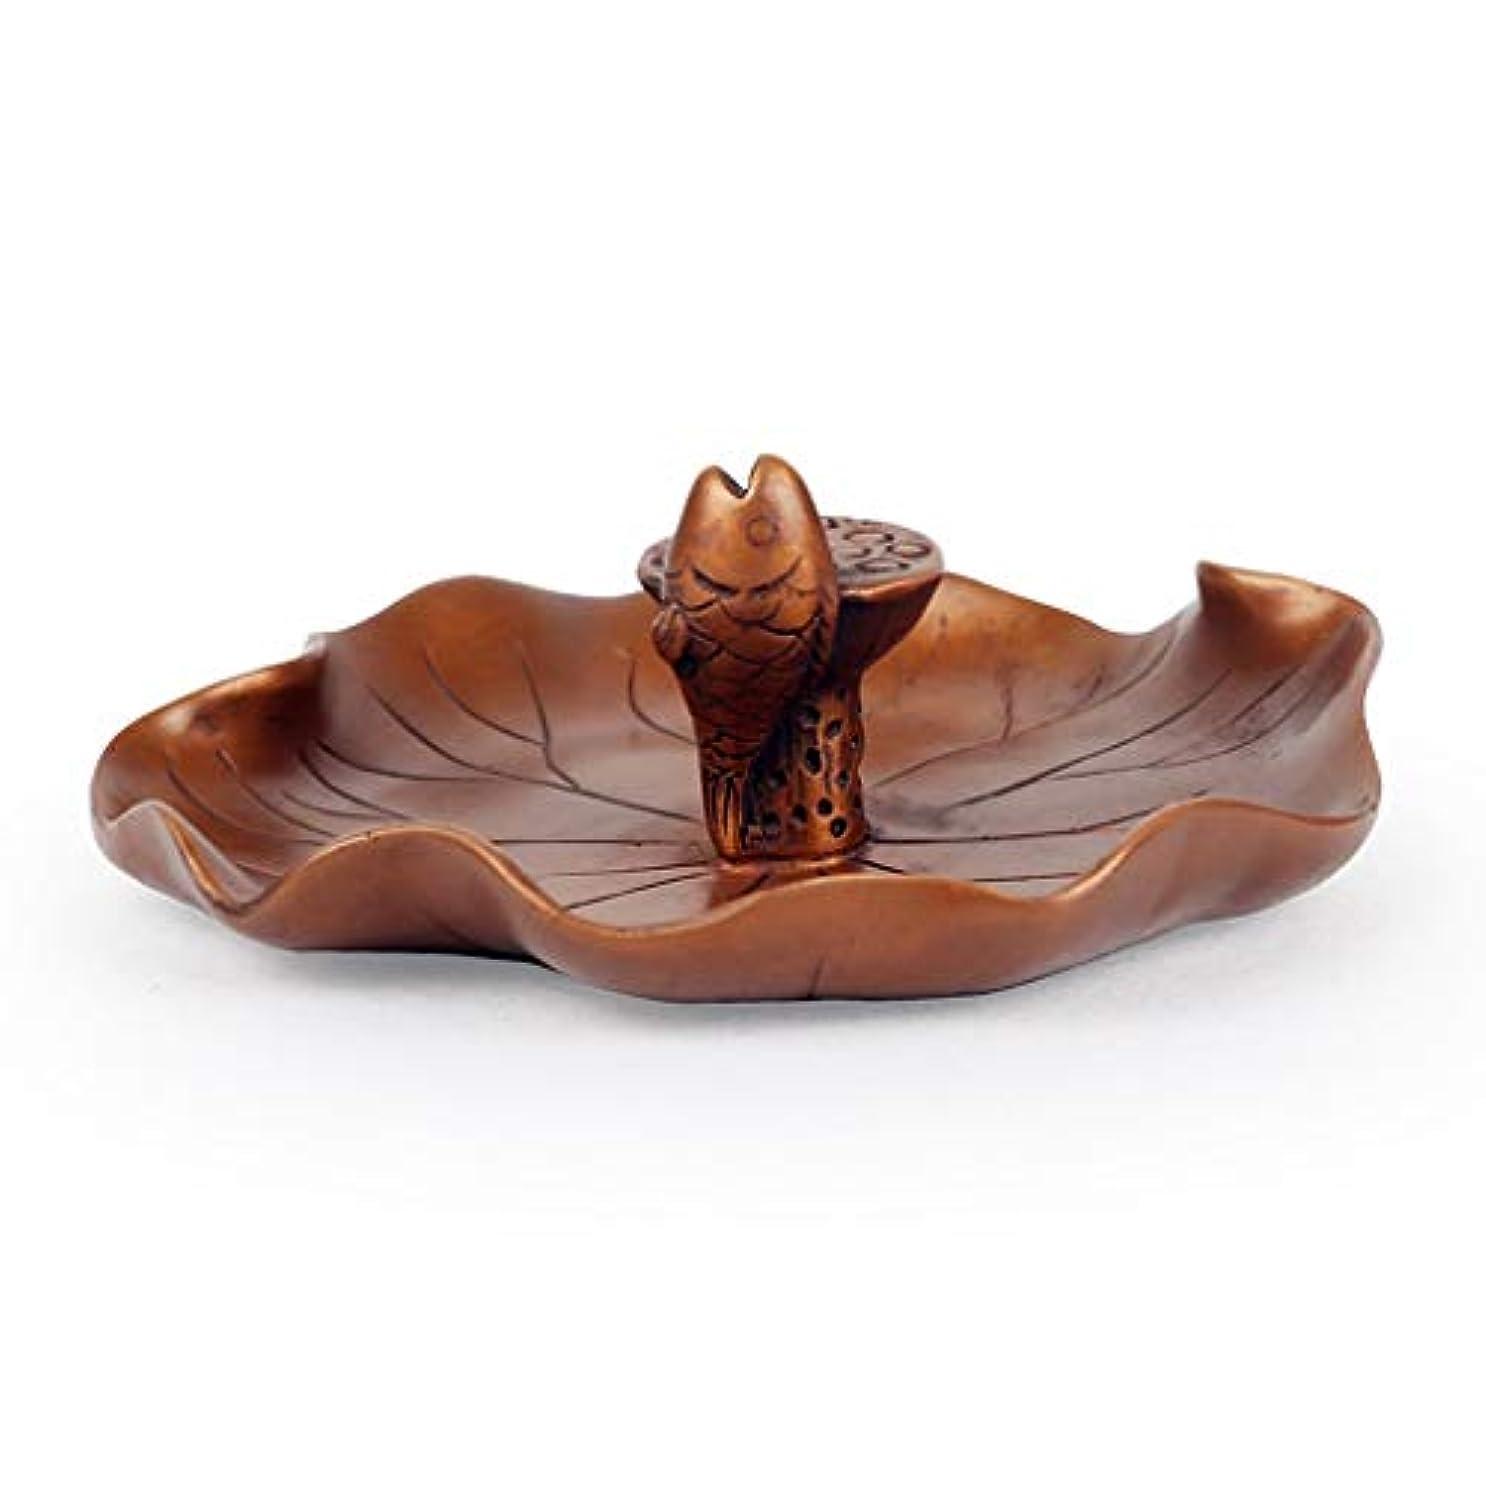 汚染されたタイヤナインへ芳香器?アロマバーナー 還流香炉ホーム香りの良い禅禅ラッキー鑑賞新しいクリエイティブアガーウッド香バーナー装飾 芳香器?アロマバーナー (Color : Brass)